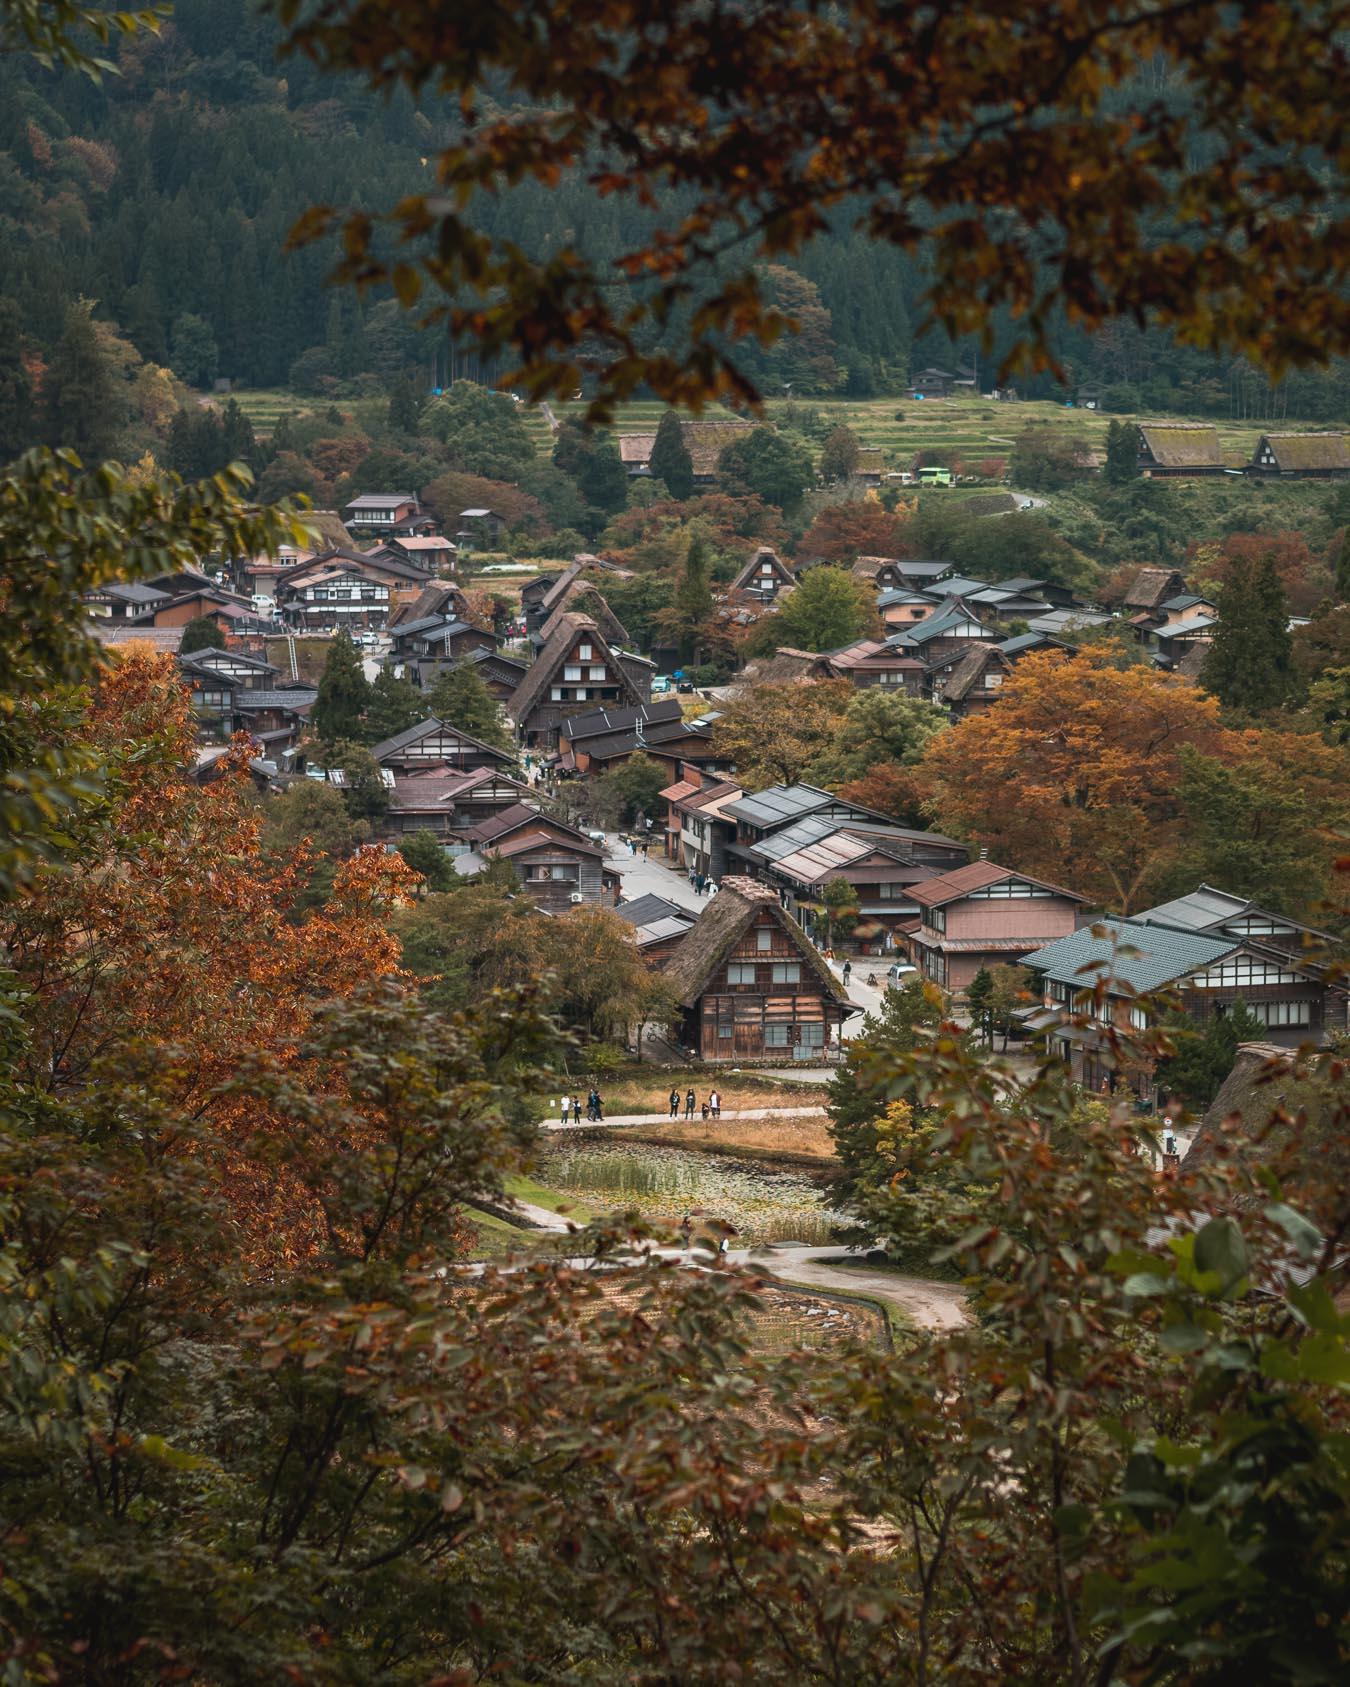 shirakawa-go gassho